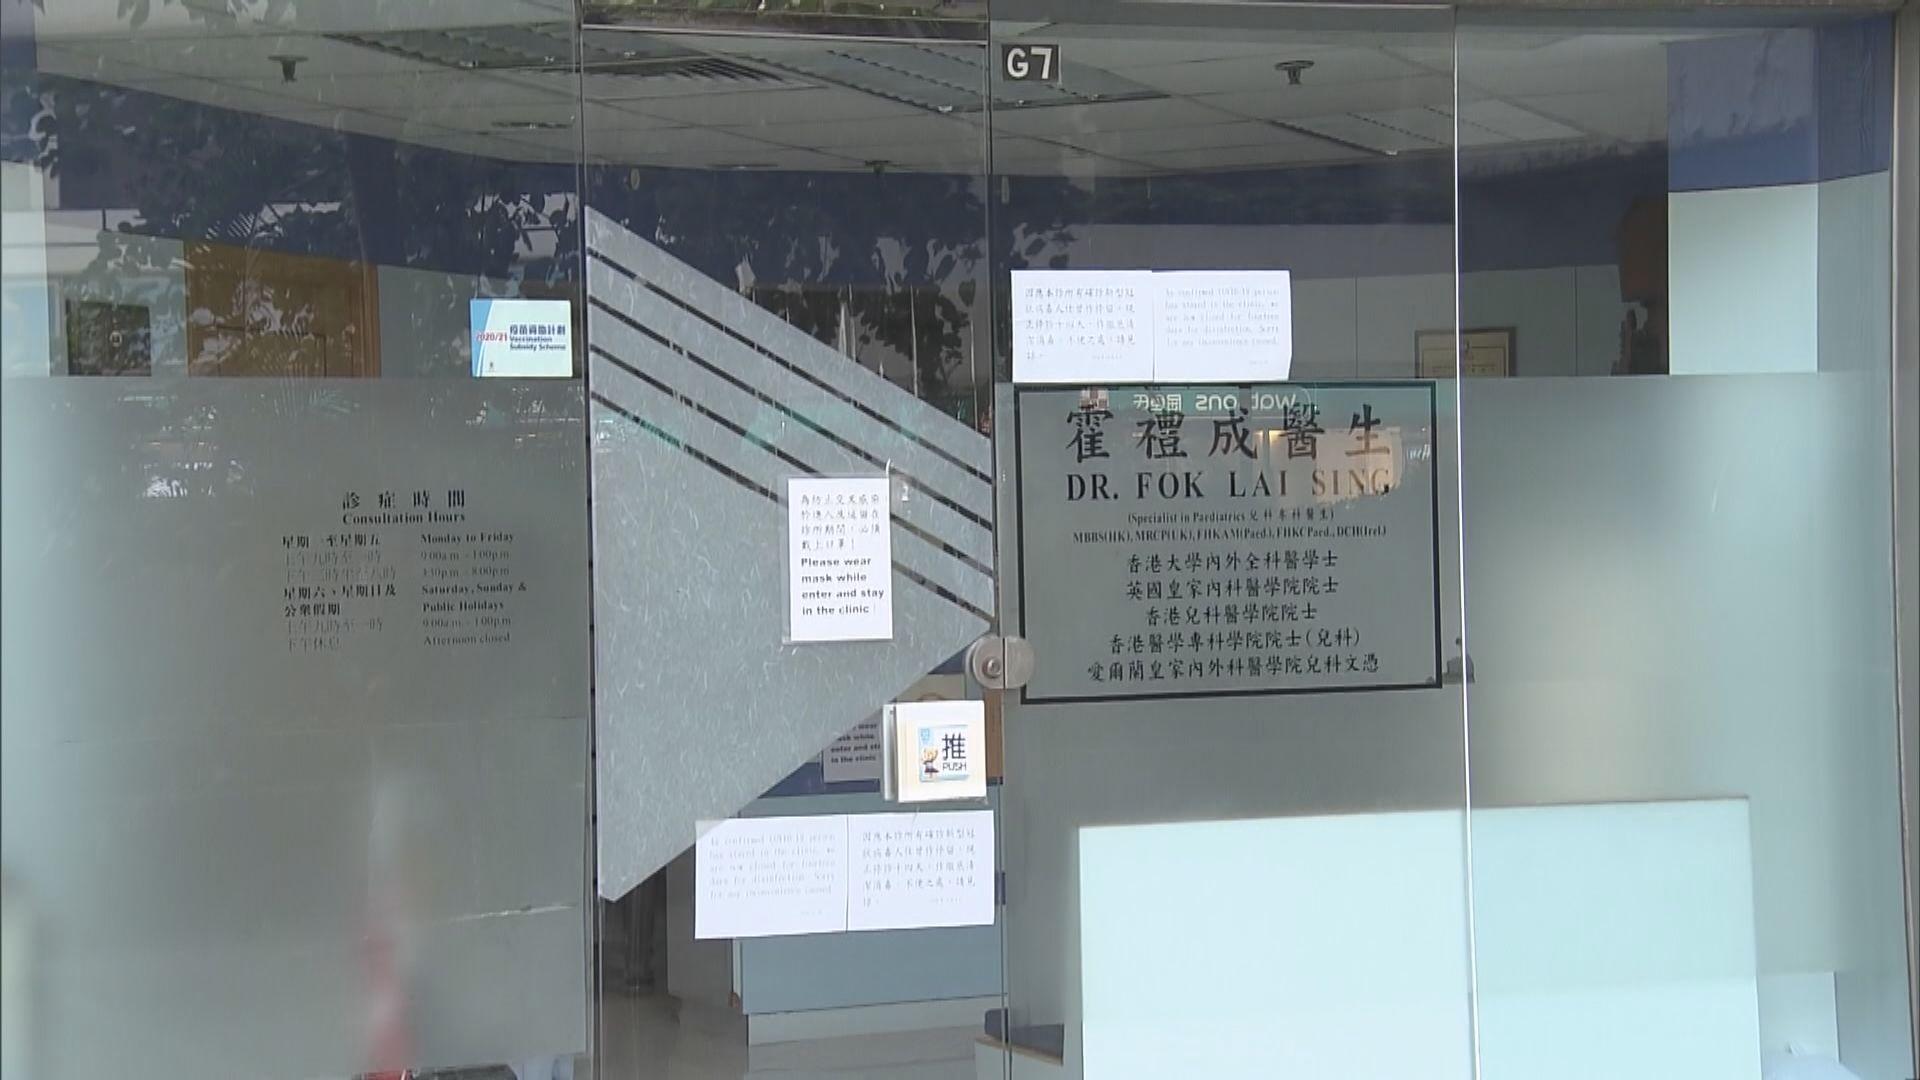 黃埔霍禮成醫生診所護士確診 當局籲曾求診病人做檢測